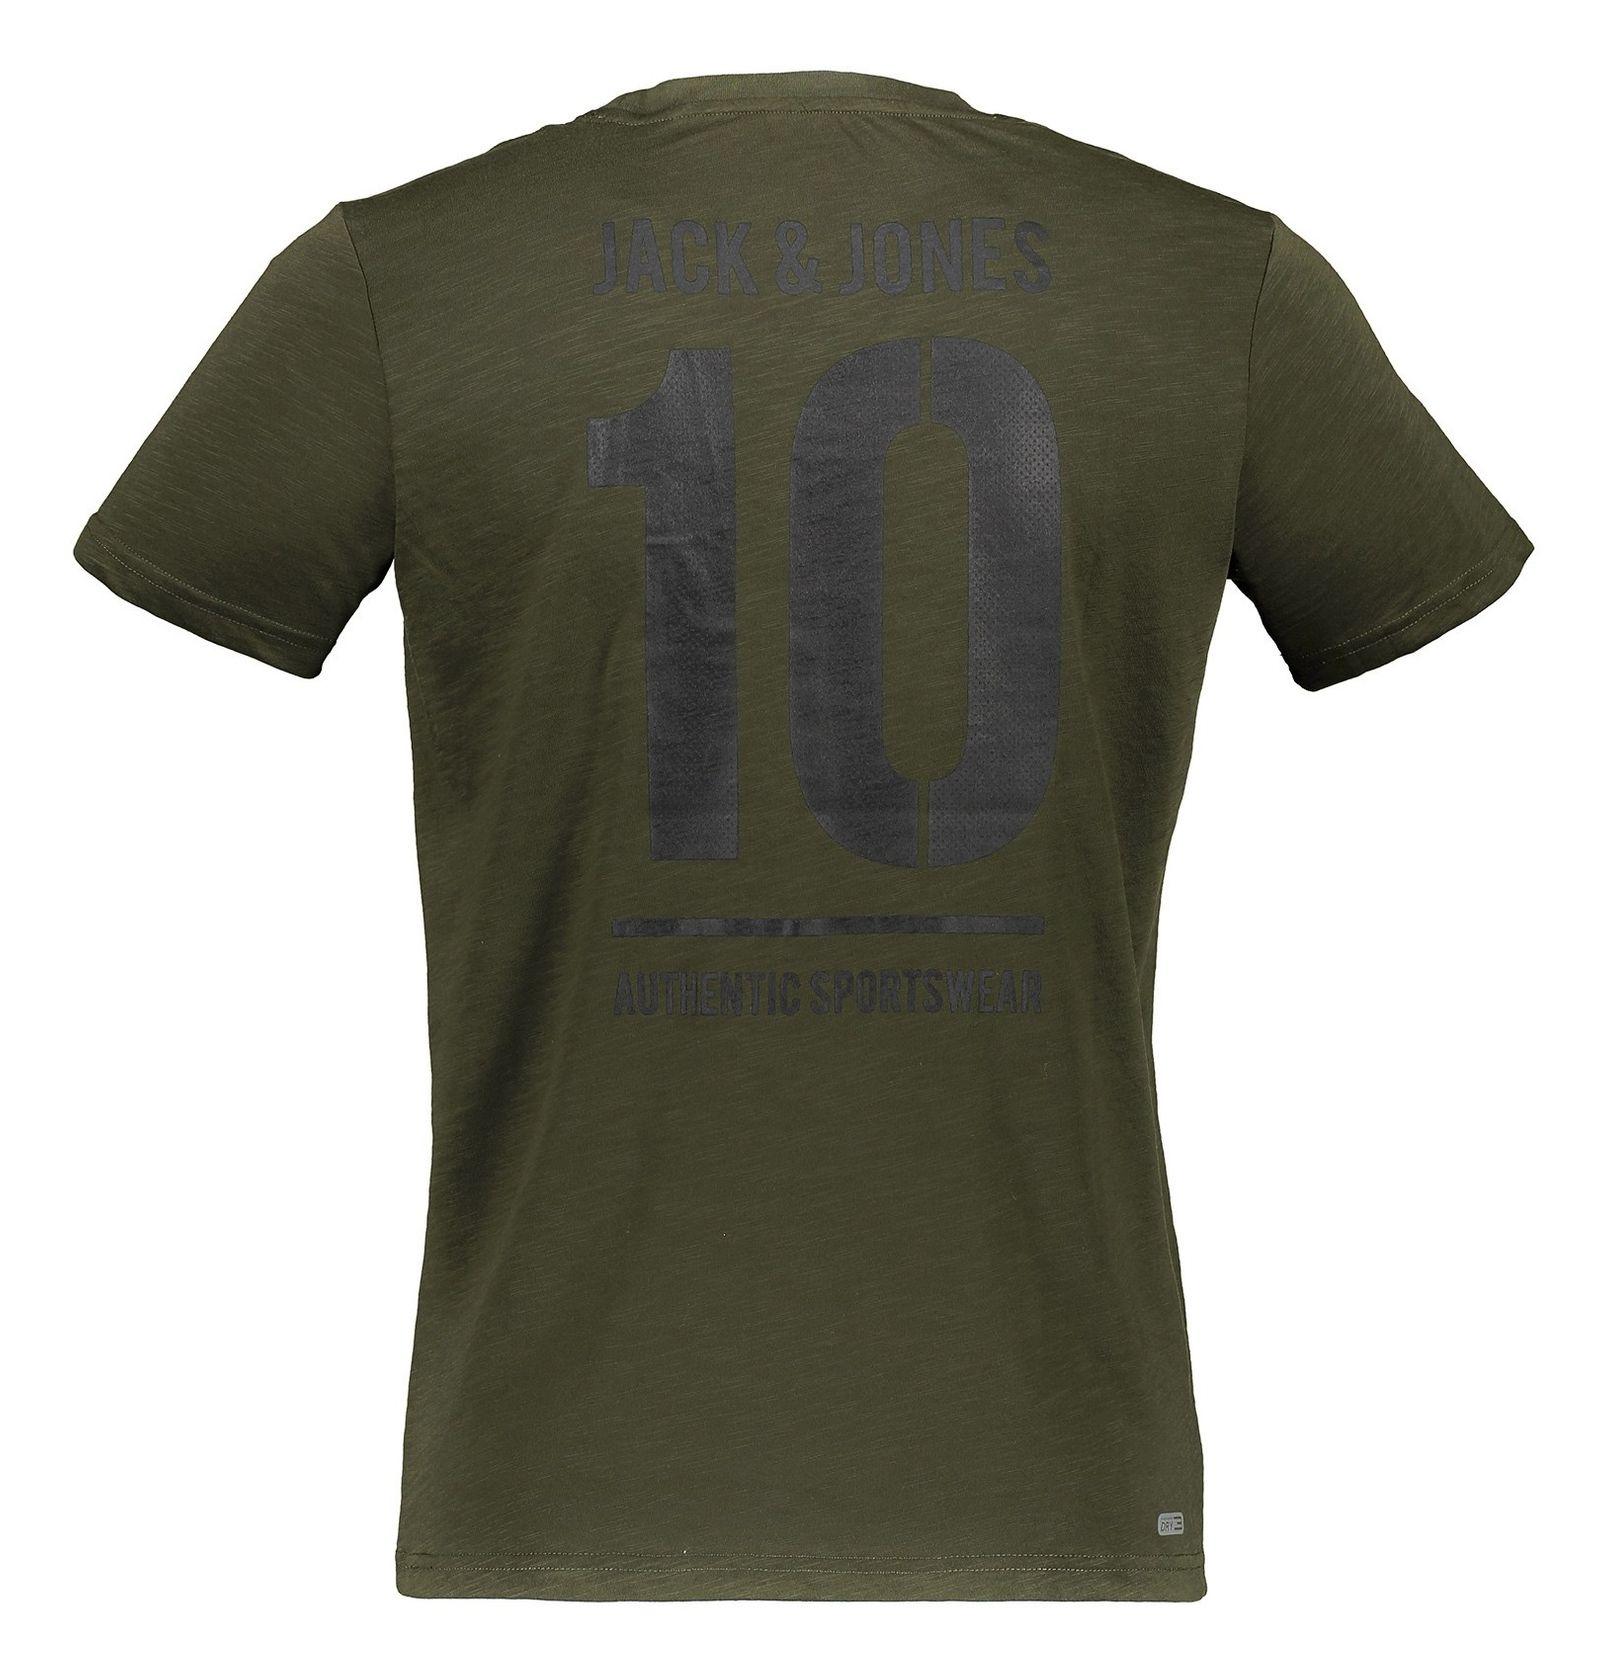 تی شرت ورزشی یقه گرد مردانه - جک اند جونز - زيتوني - 2